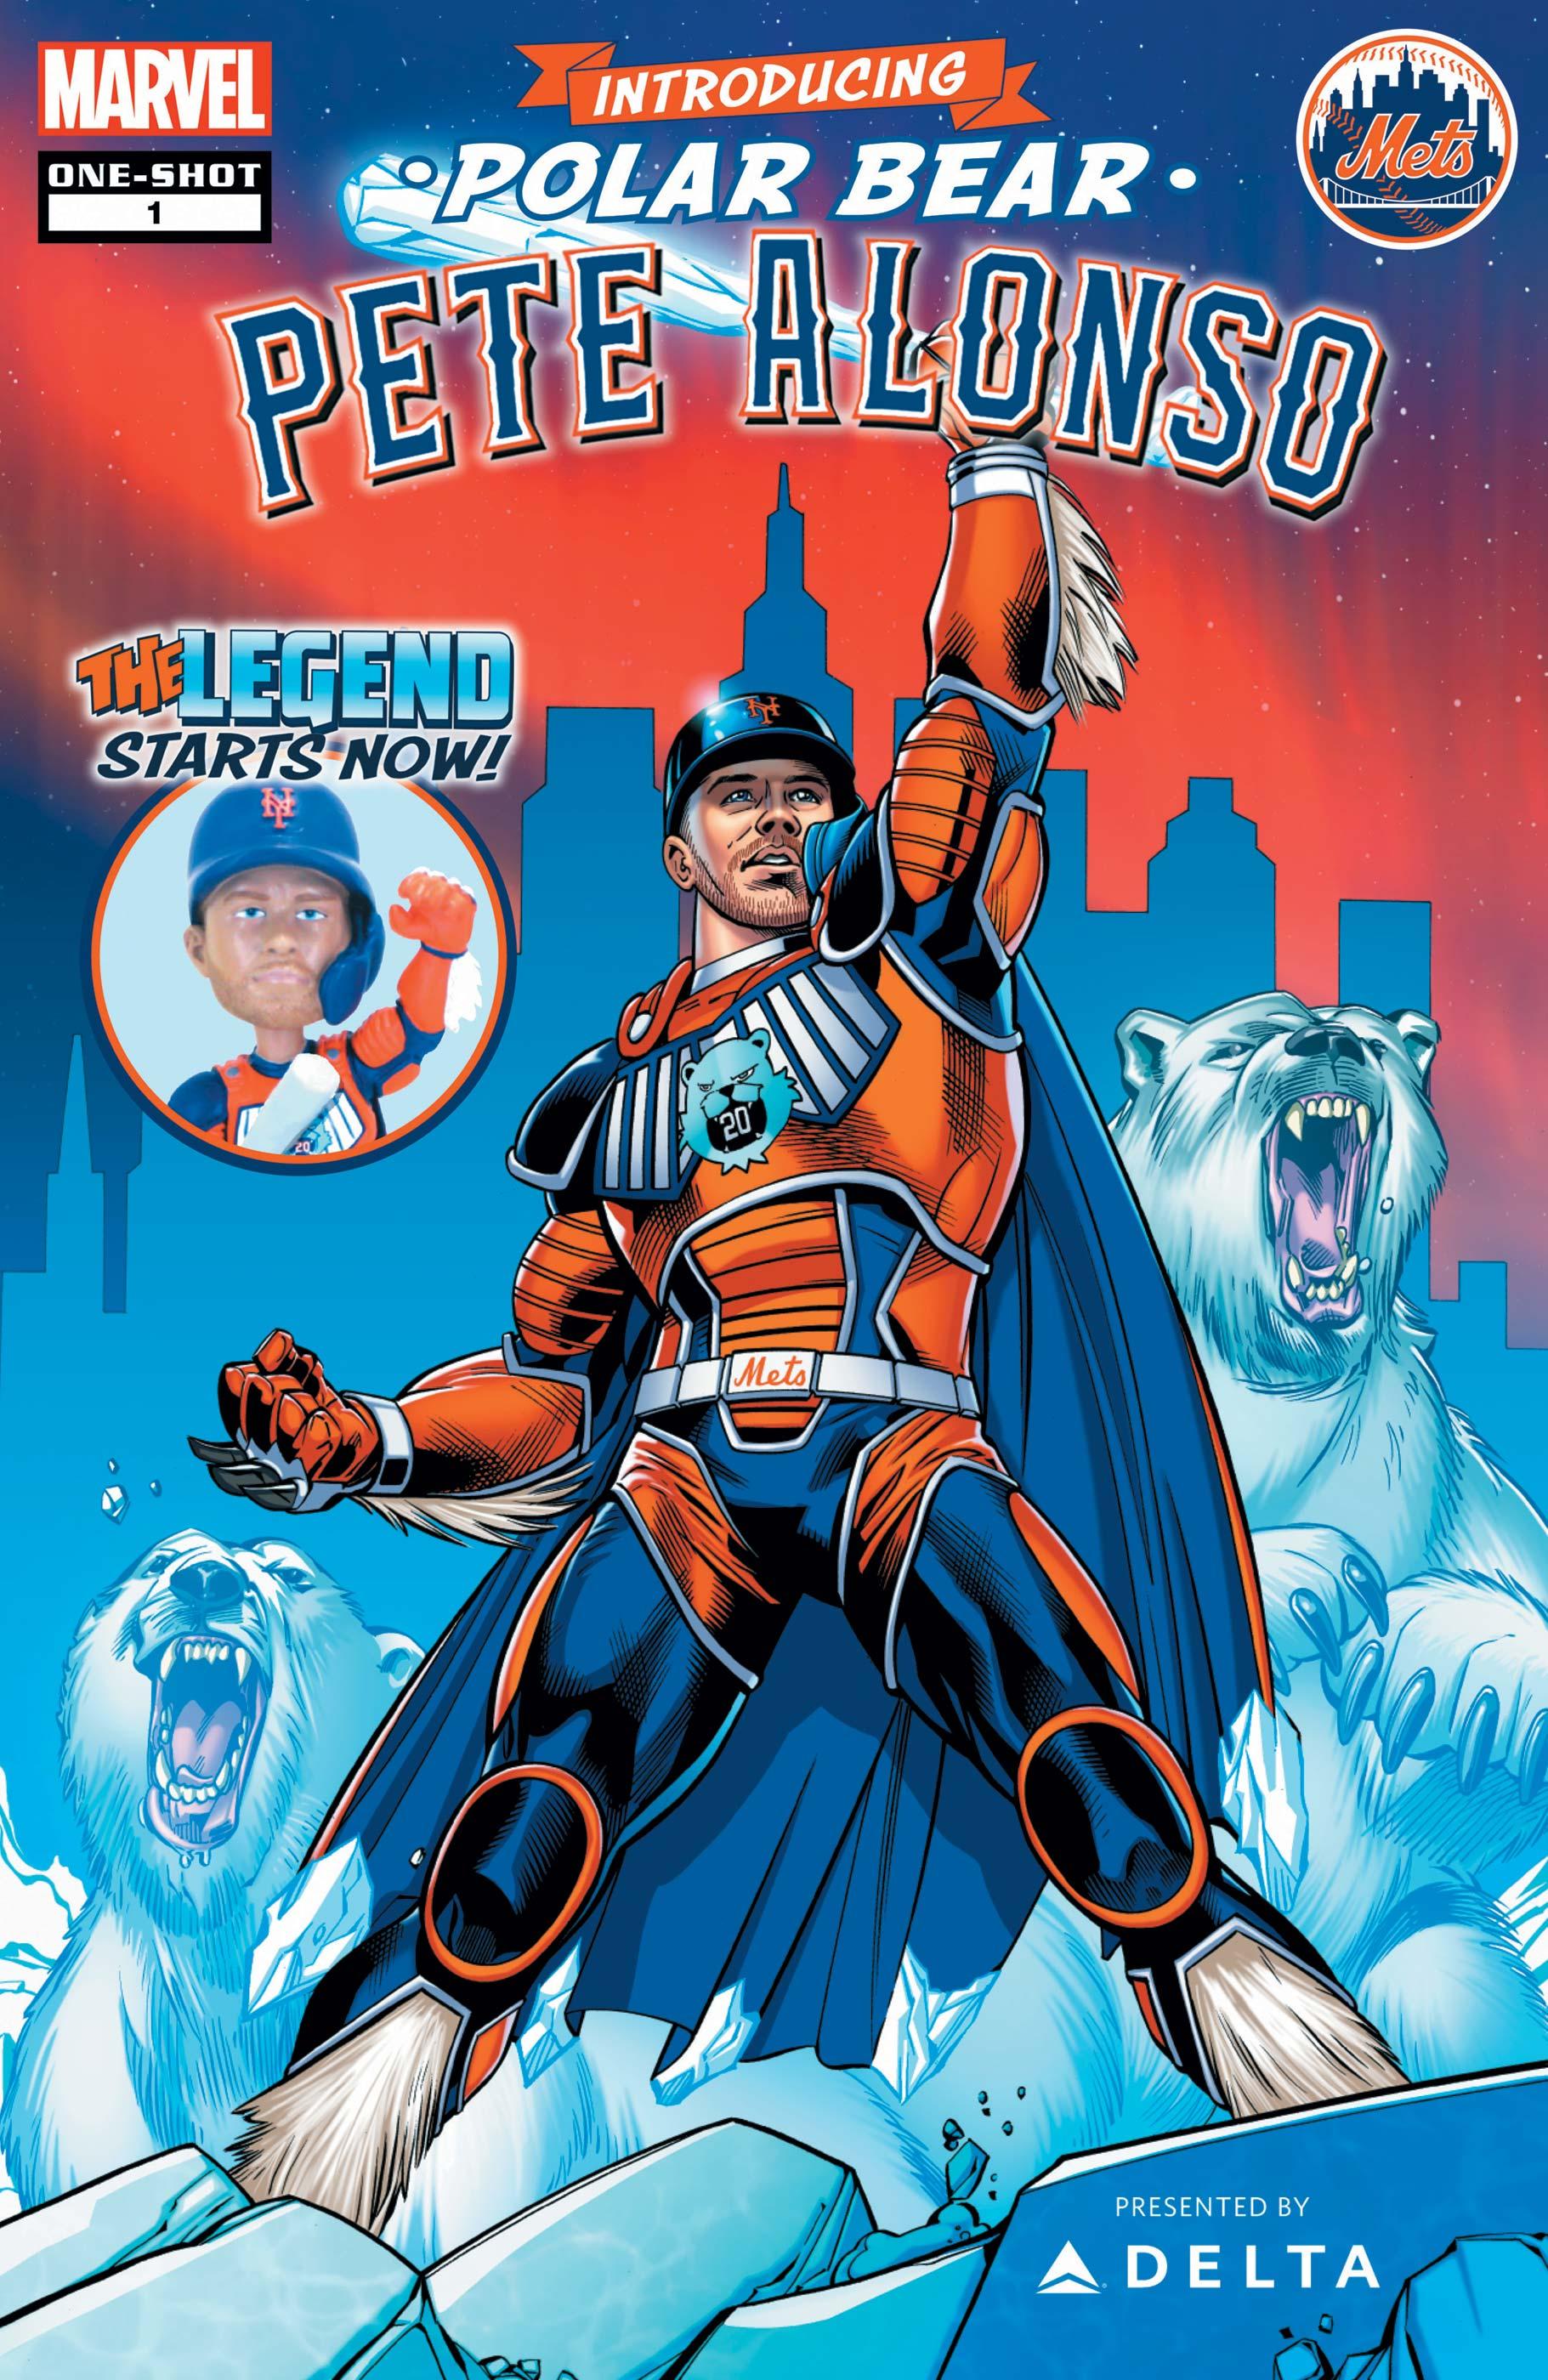 POLAR BEAR PETE ALONSO 1 (2020) #1